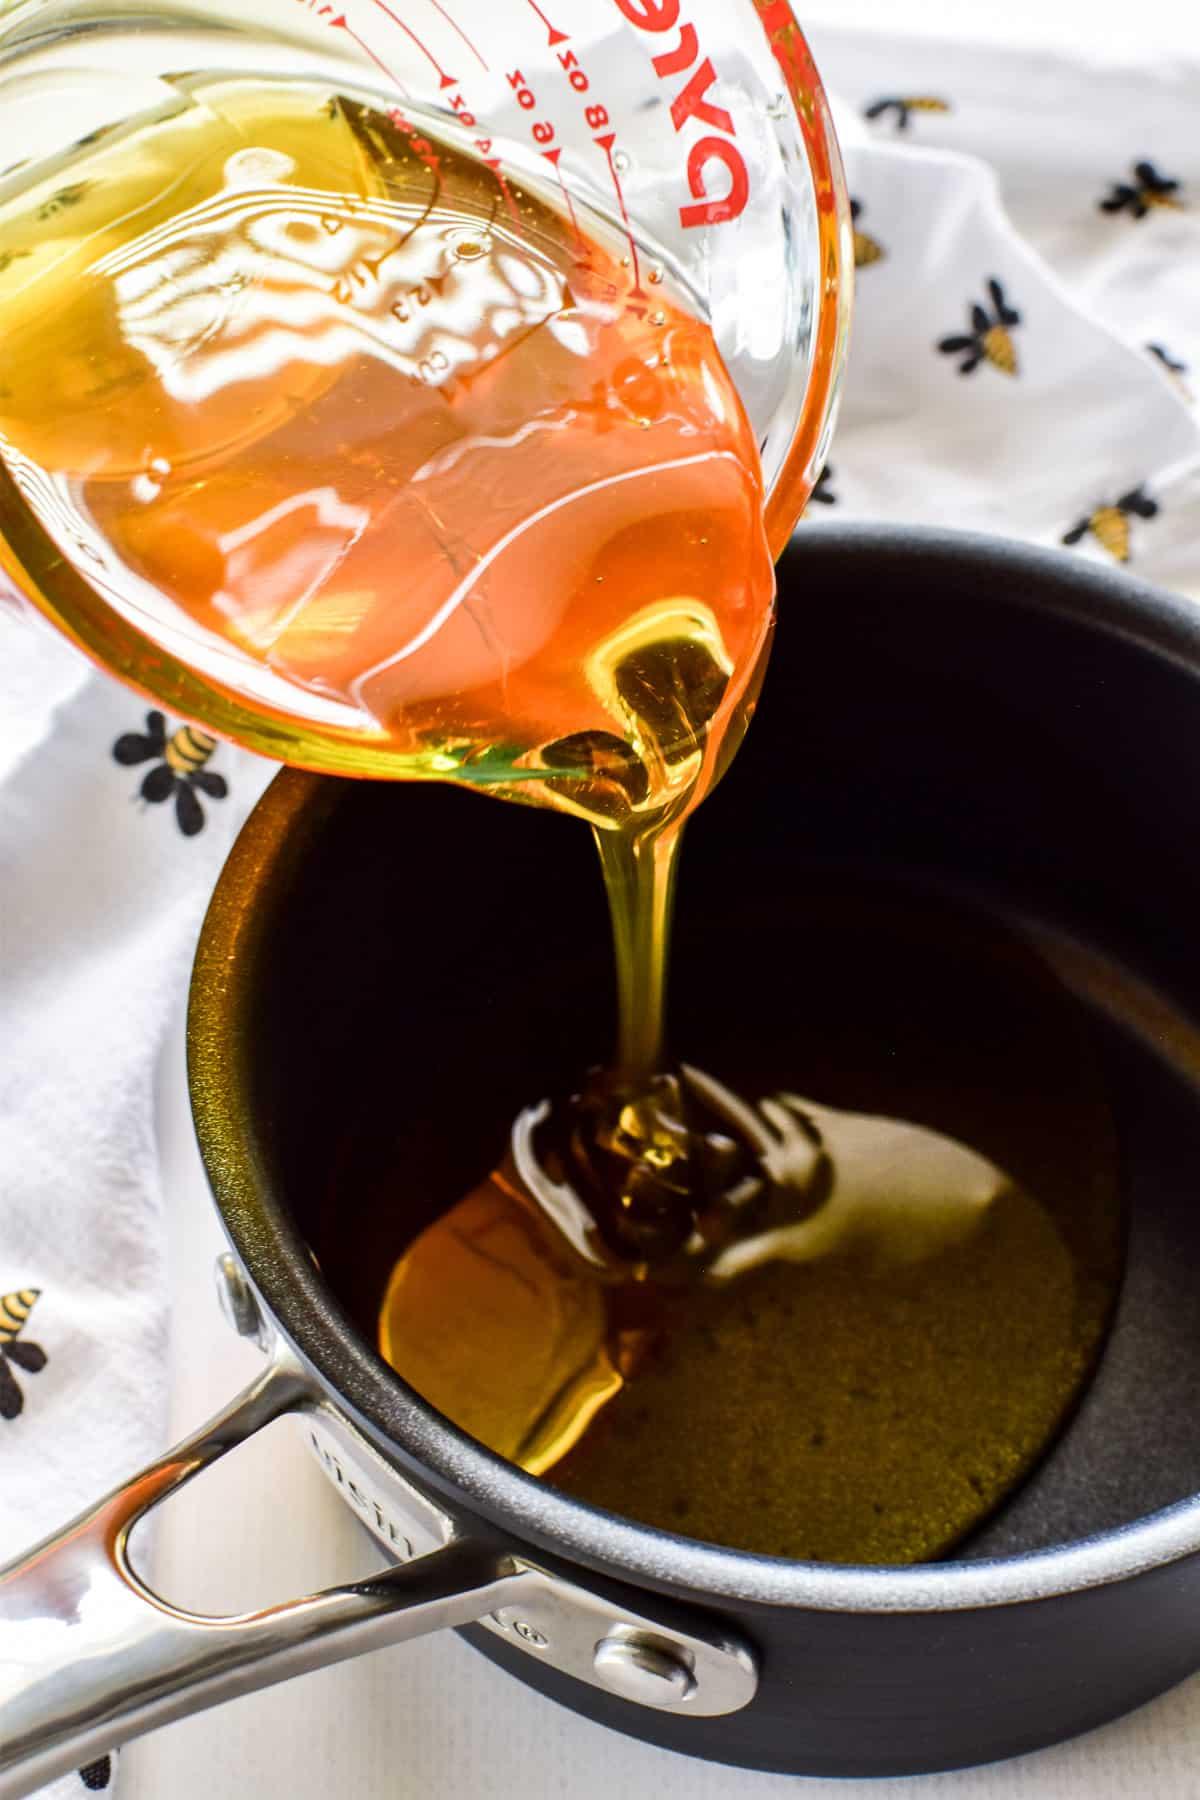 Honey pouring into a saucepan